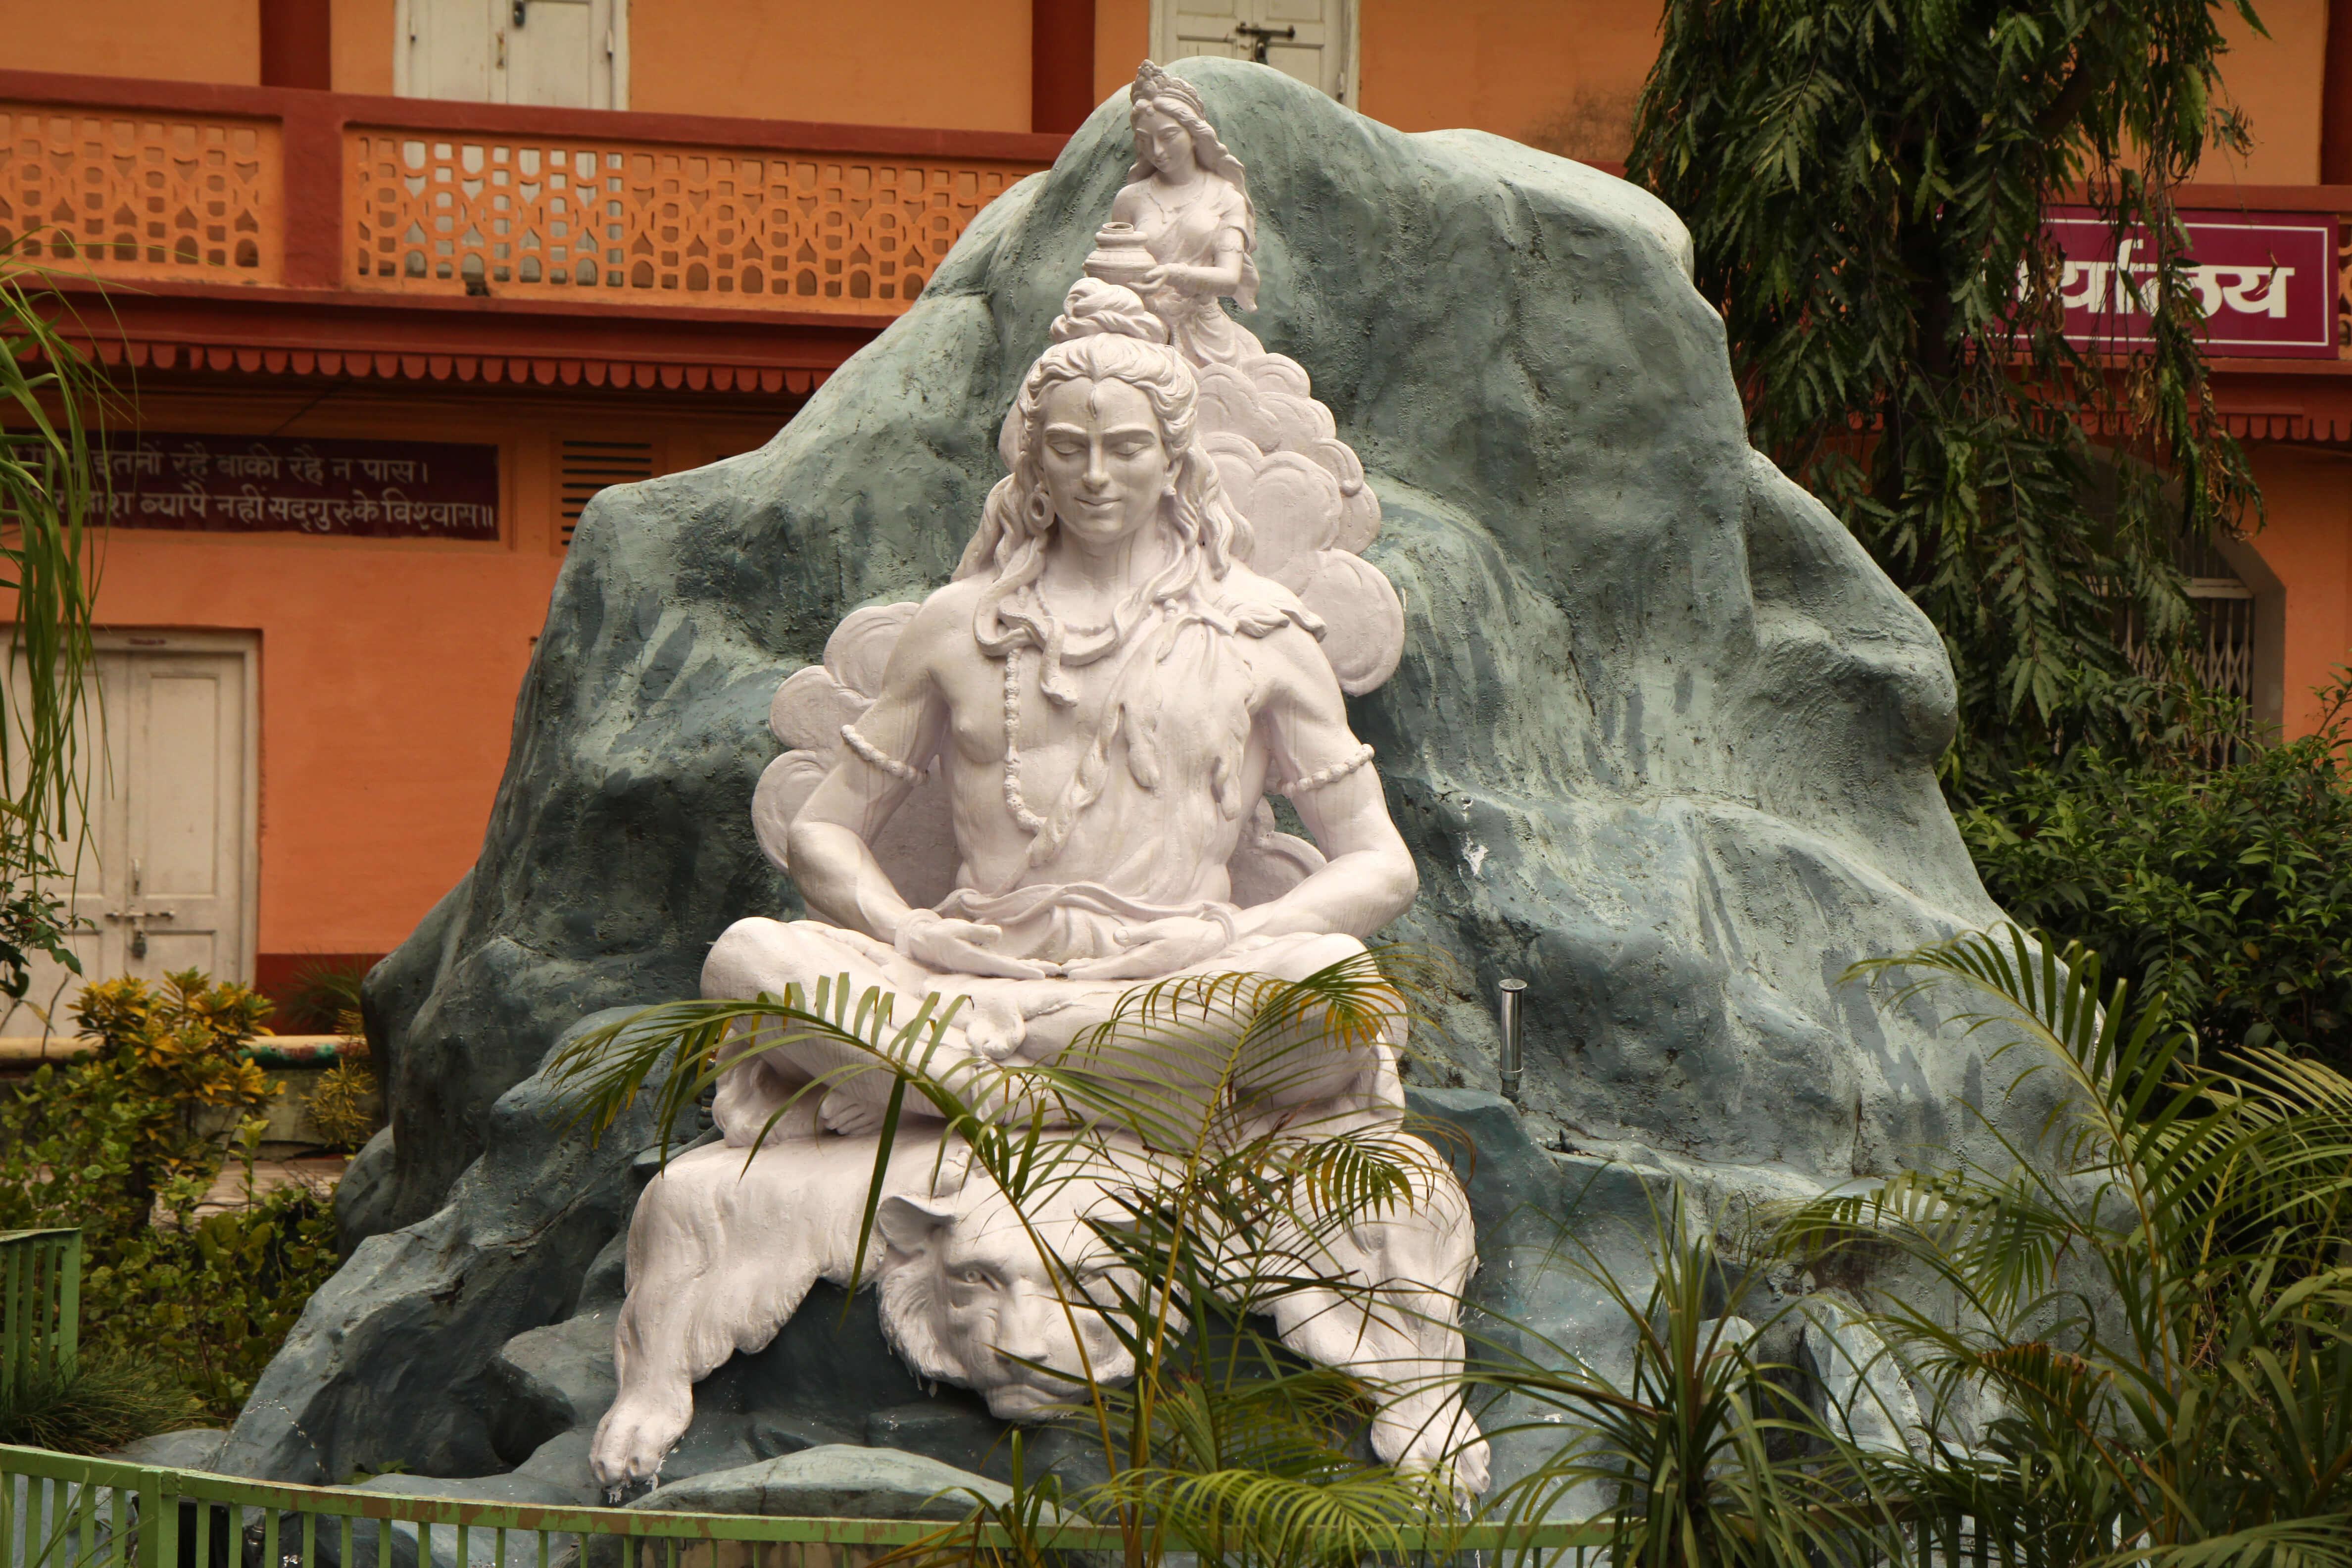 Quoi de plus authentique qu'une retraite, située aux portes de l'Himalaya pour faire un stage de Yoga en Inde ? C'est le cas de l'ashram Parmarth Niketan.